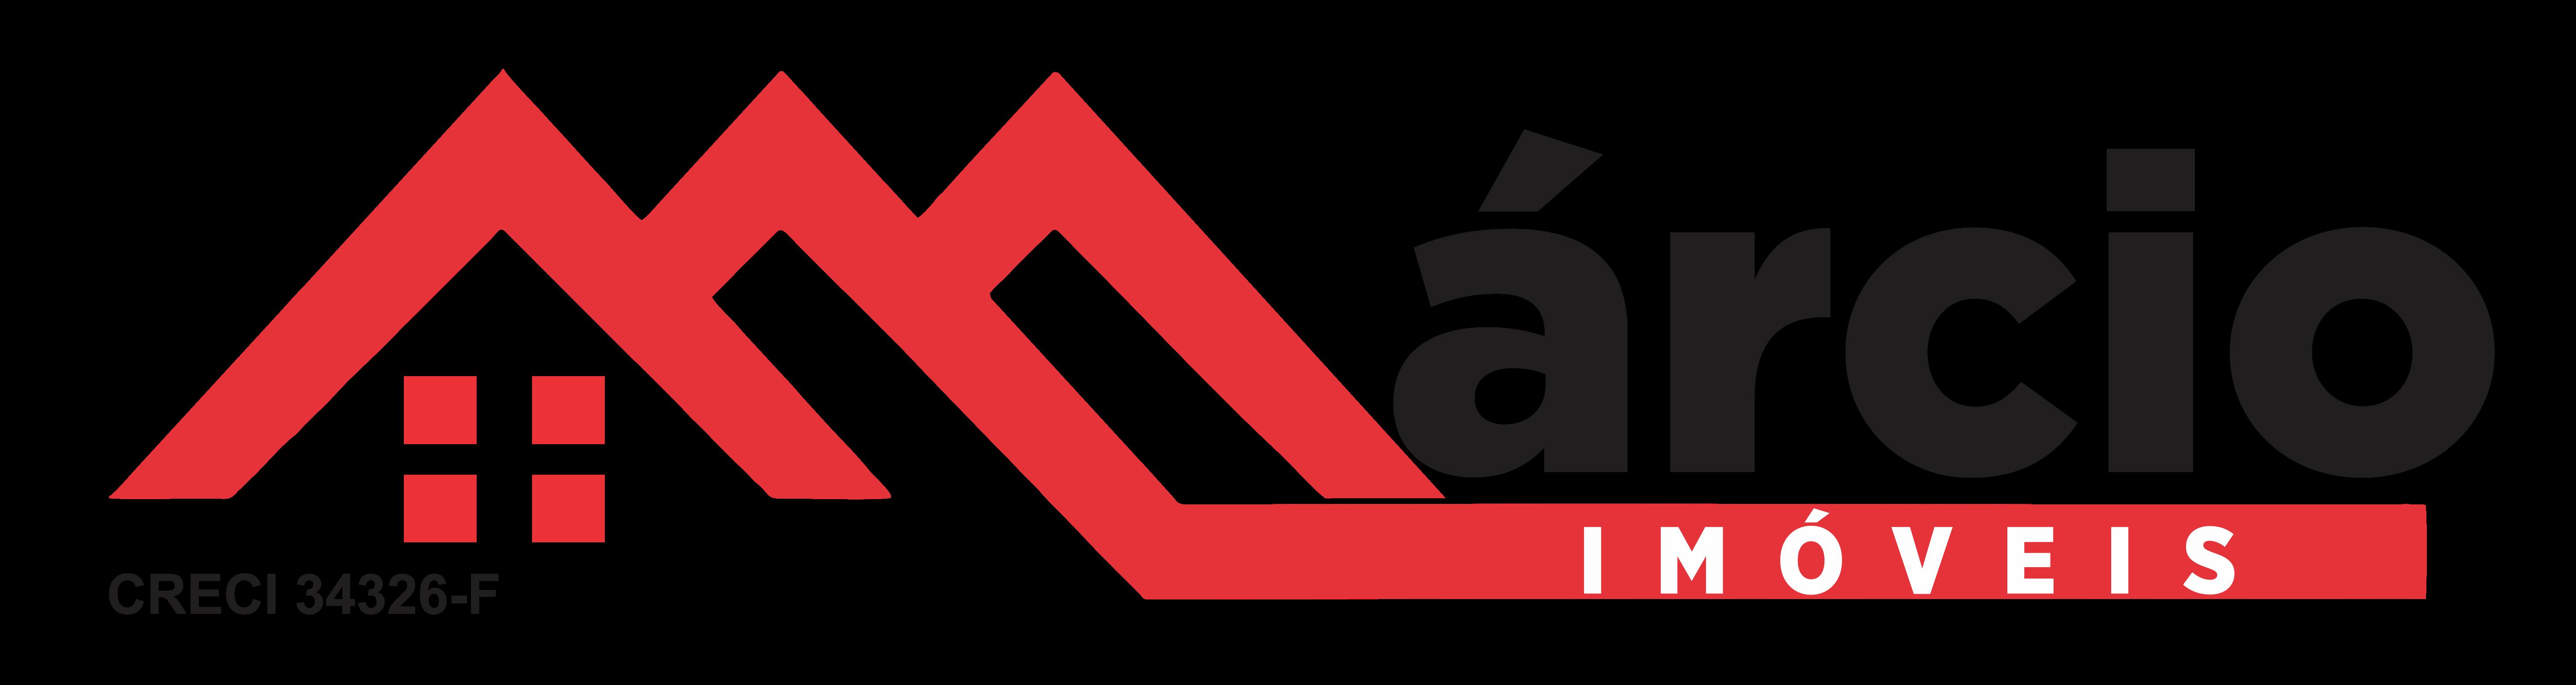 Logo da imobiliária Márcio Corretor